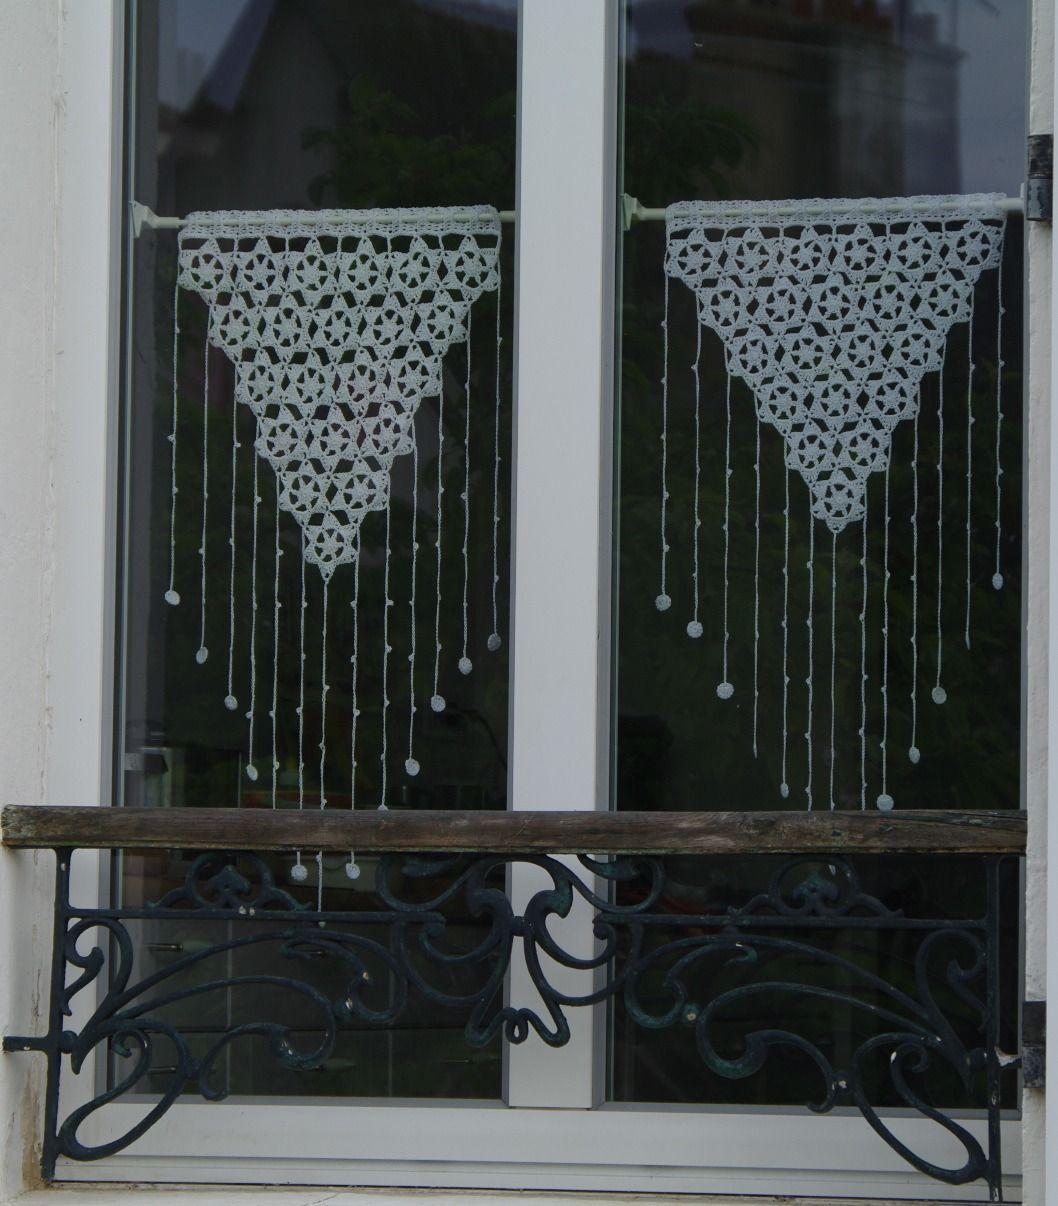 Crochet Patron Francais Rideaux Dentelle Habillage